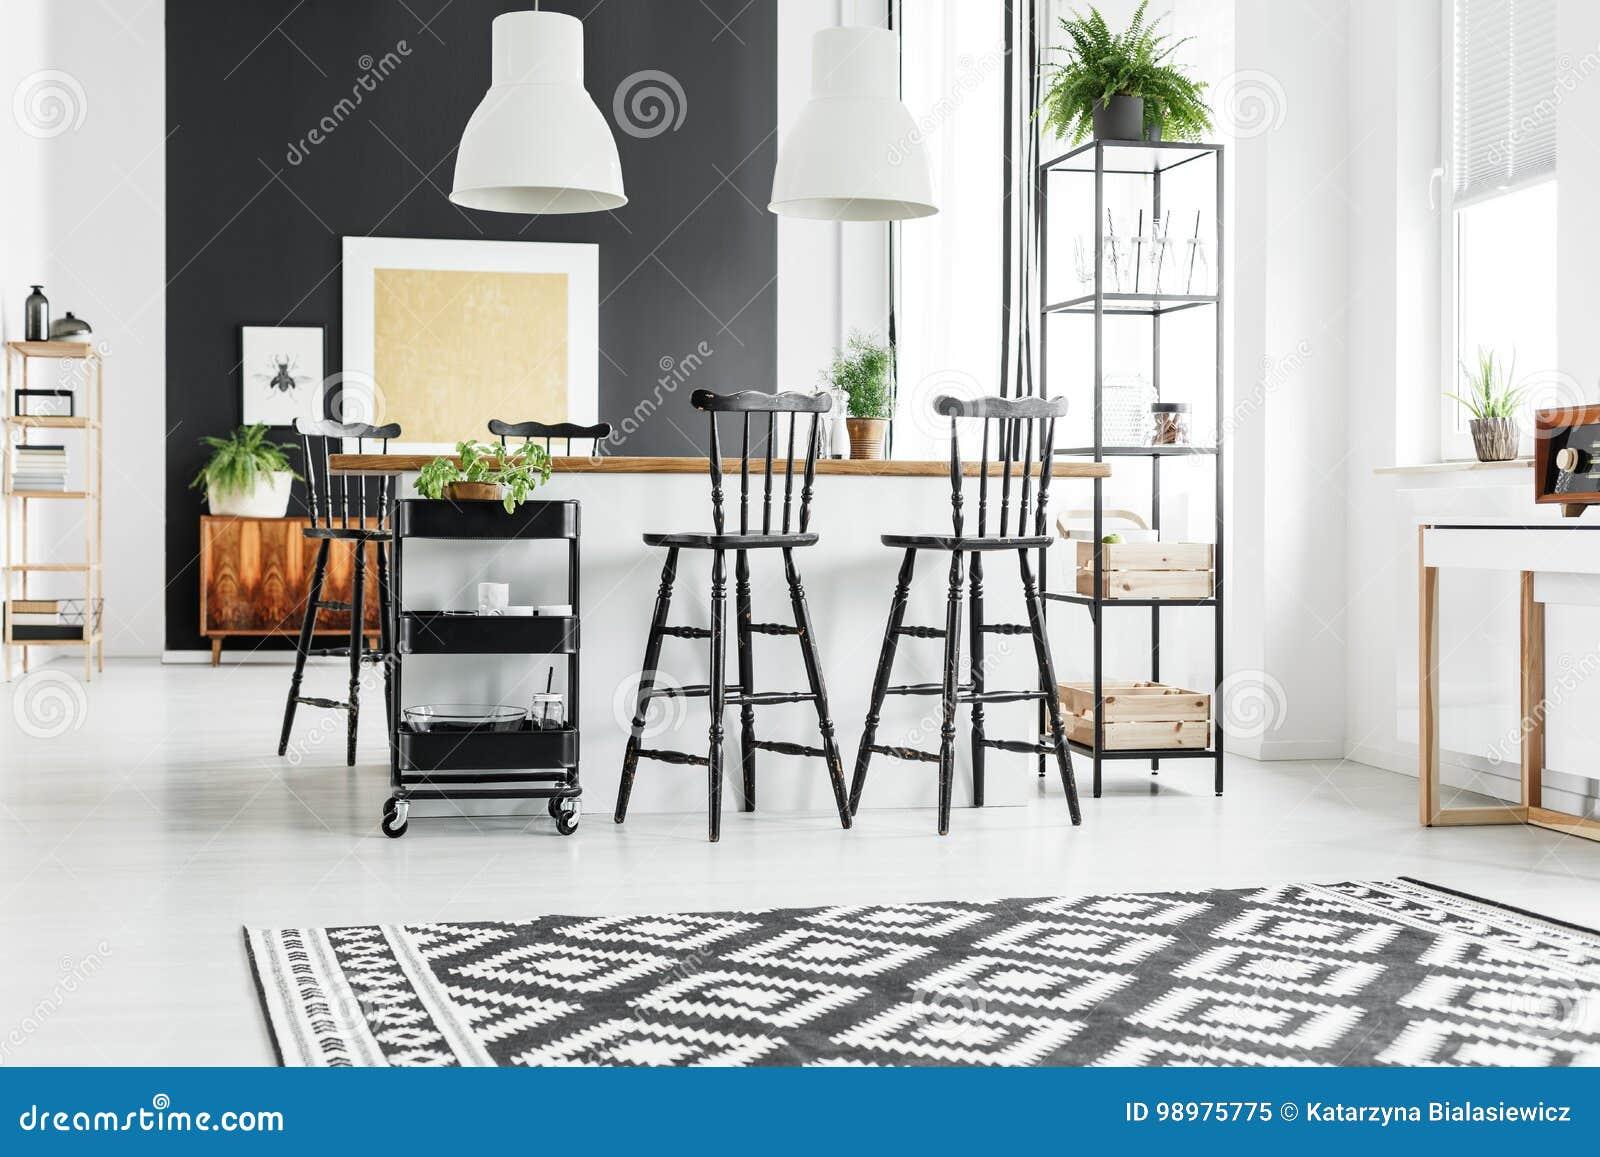 Cucina rustica con gli sgabelli da bar immagine stock immagine di